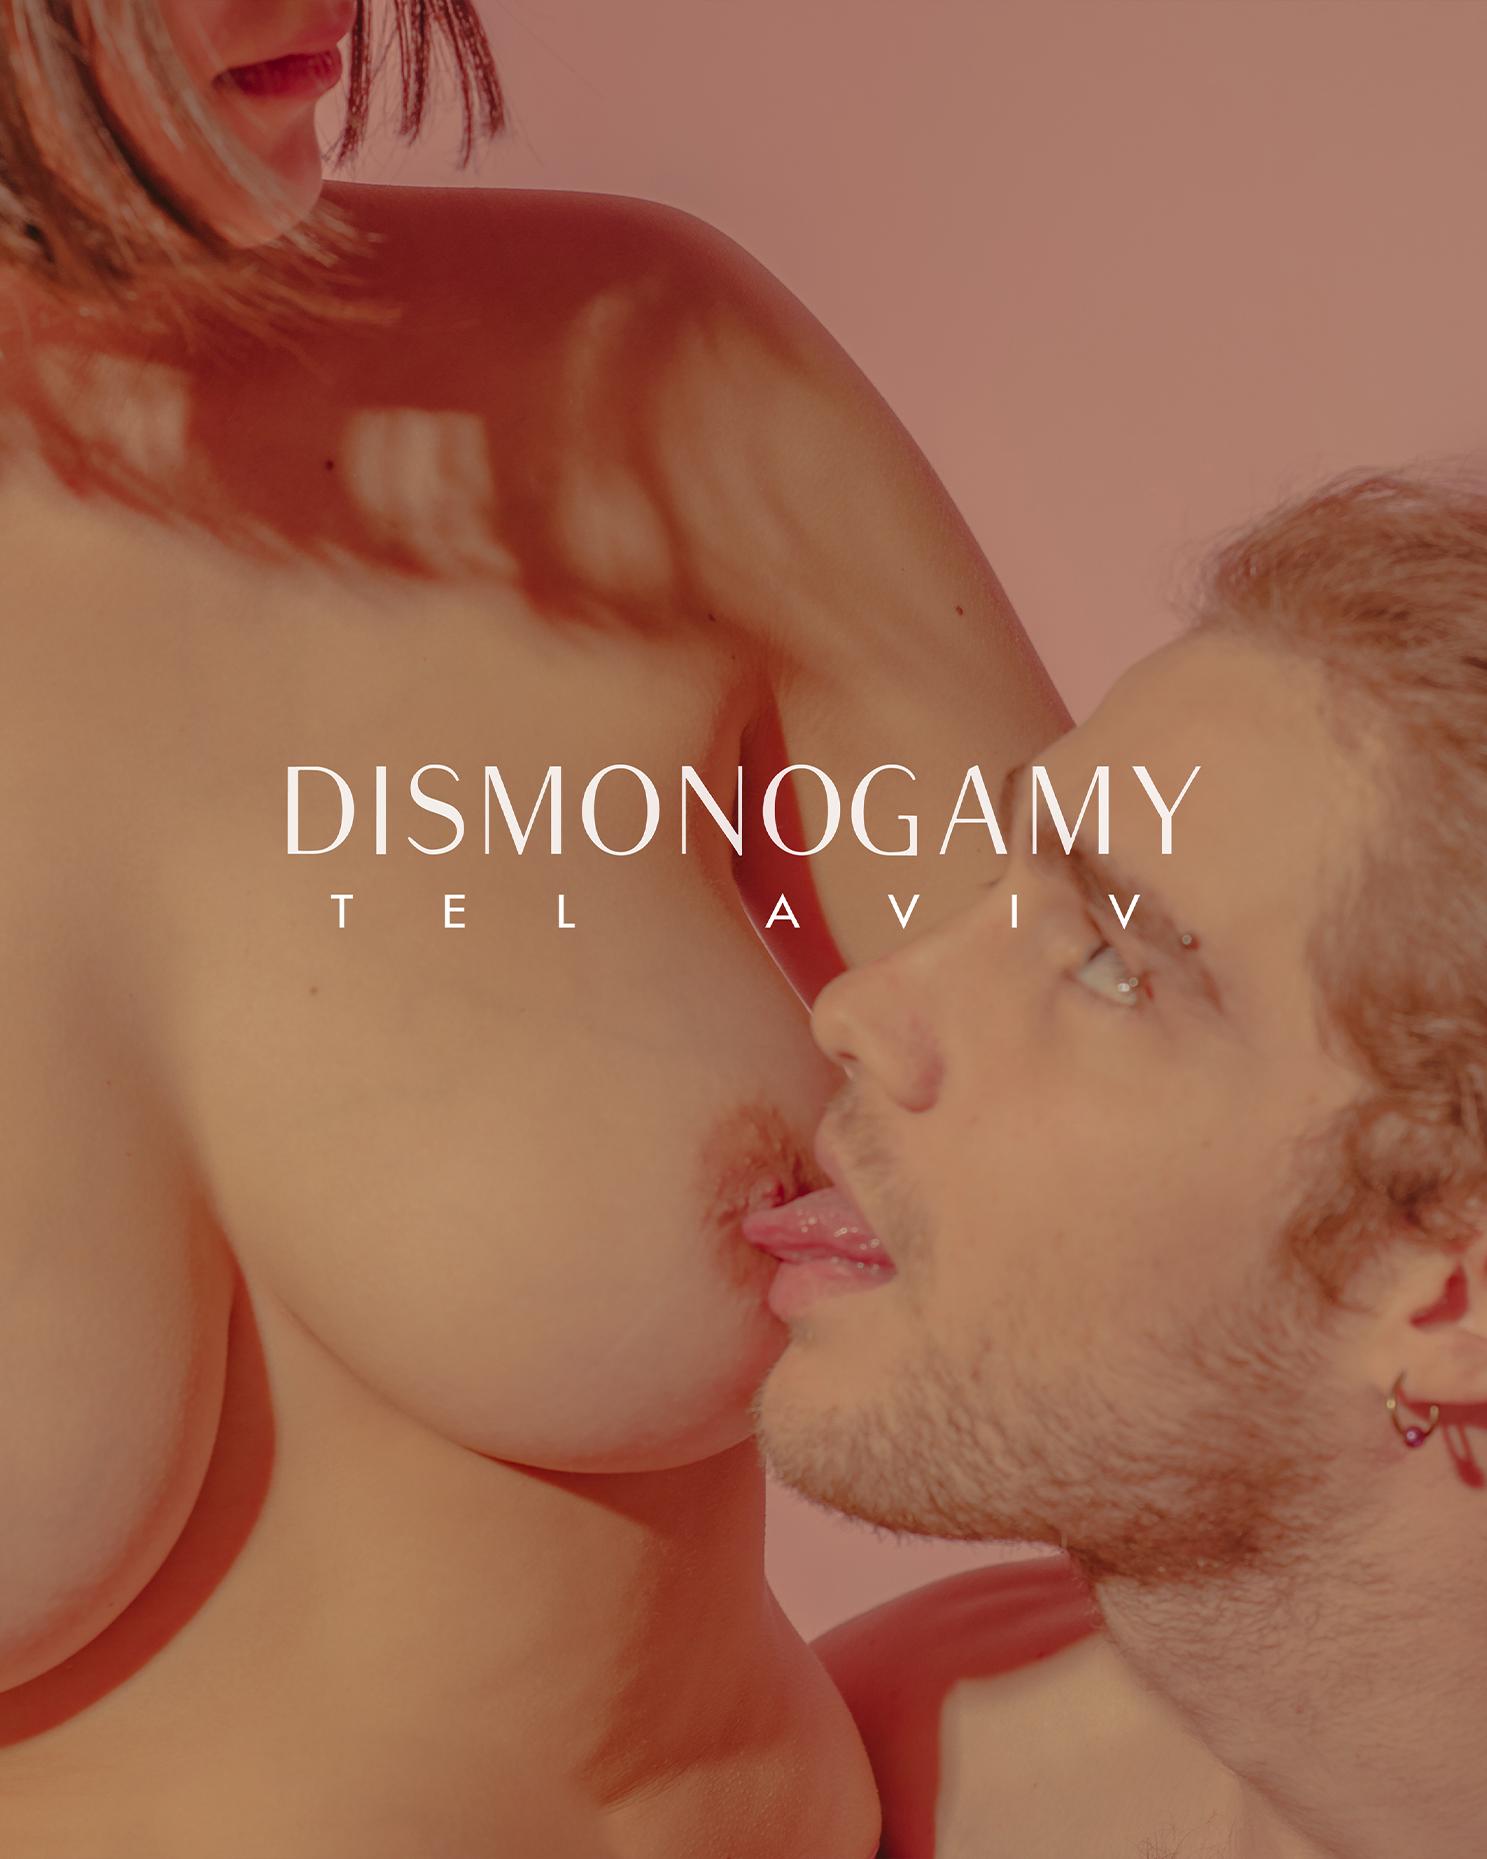 dismonogamy_02.jpg